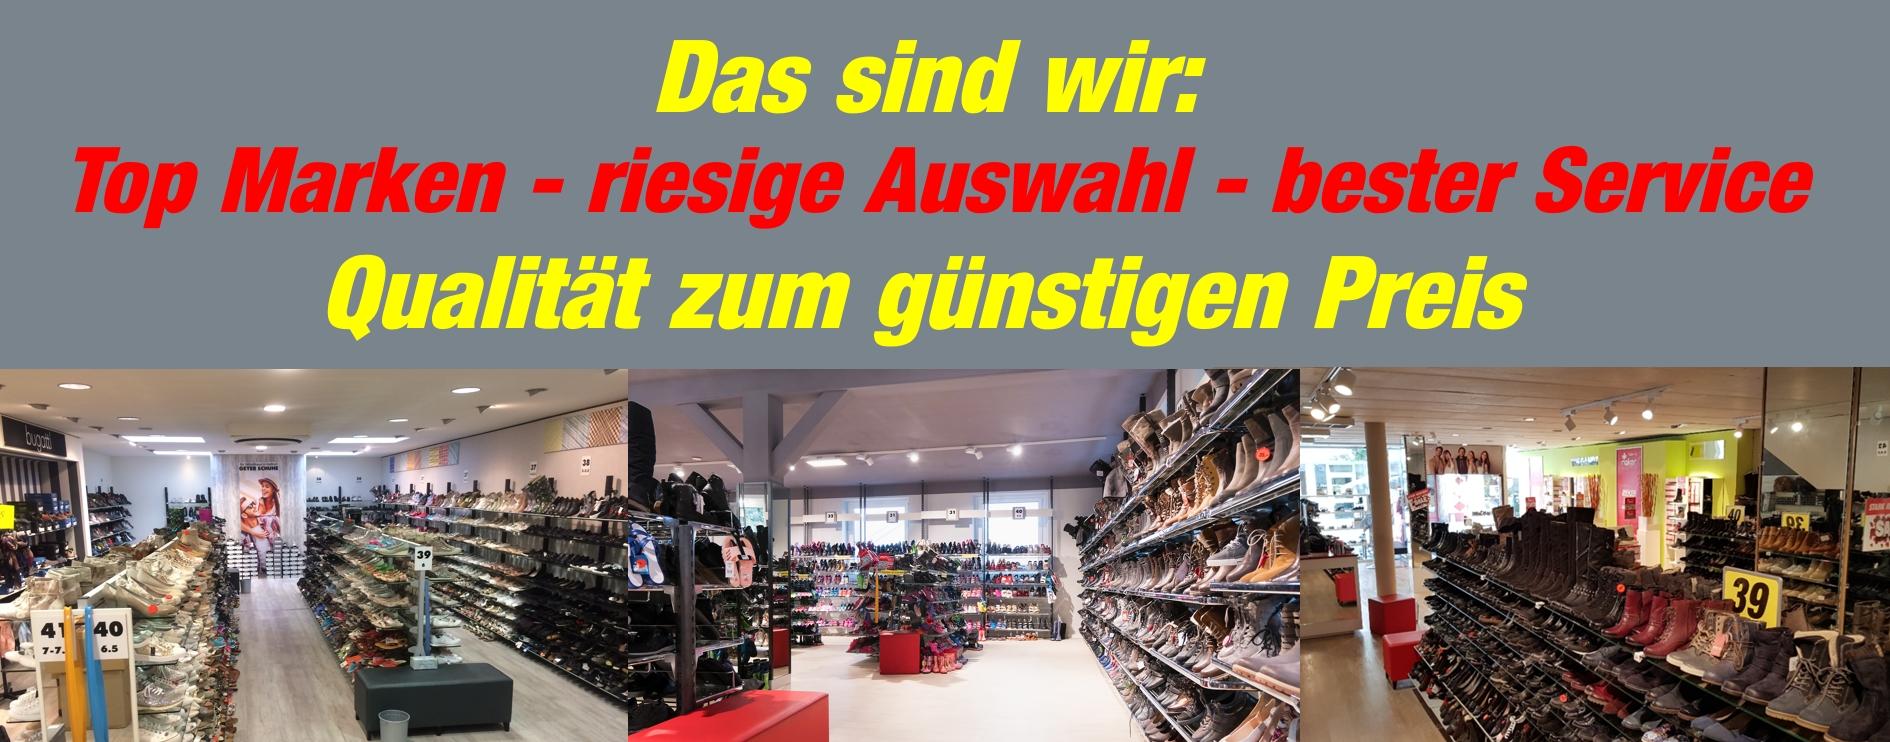 Geyer Schuhe - Markenschuhe günstiger kaufen bca201b272